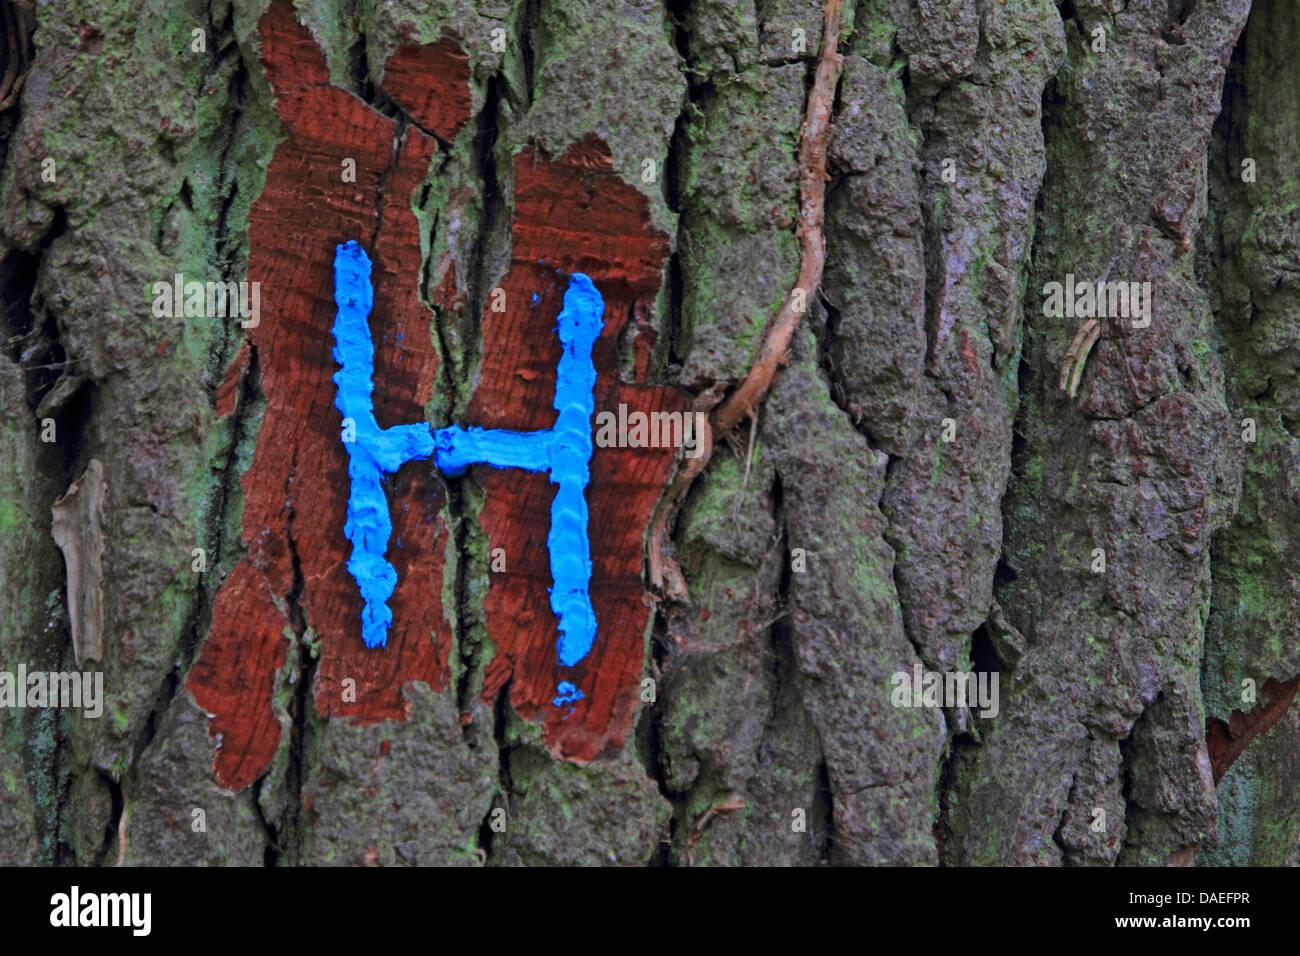 Lettre marquage sur un arbre, Allemagne Photo Stock